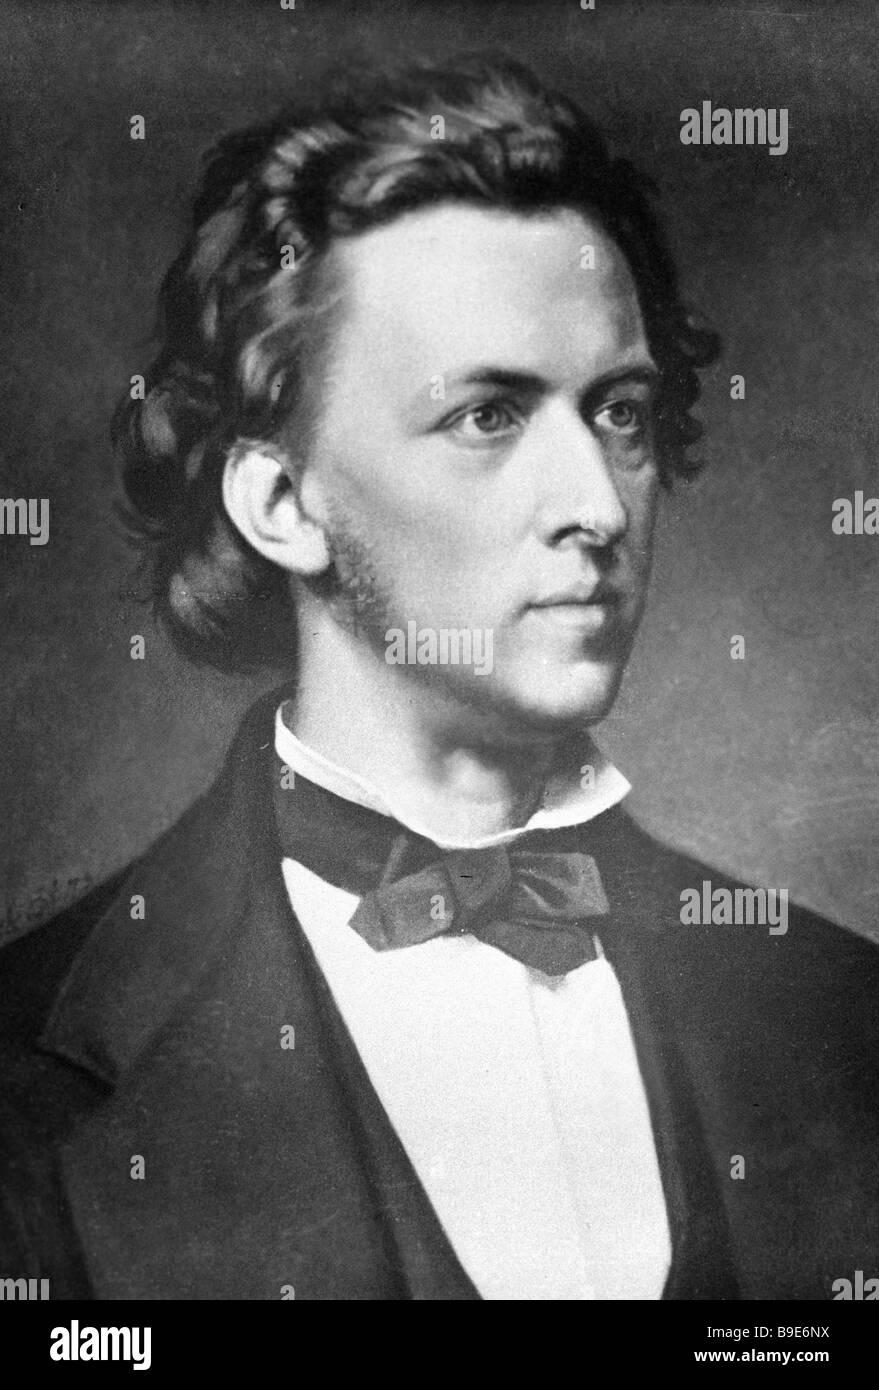 Reproduktion eines Porträts von Frederic Chopin von einem unbekannten Künstler Stockbild